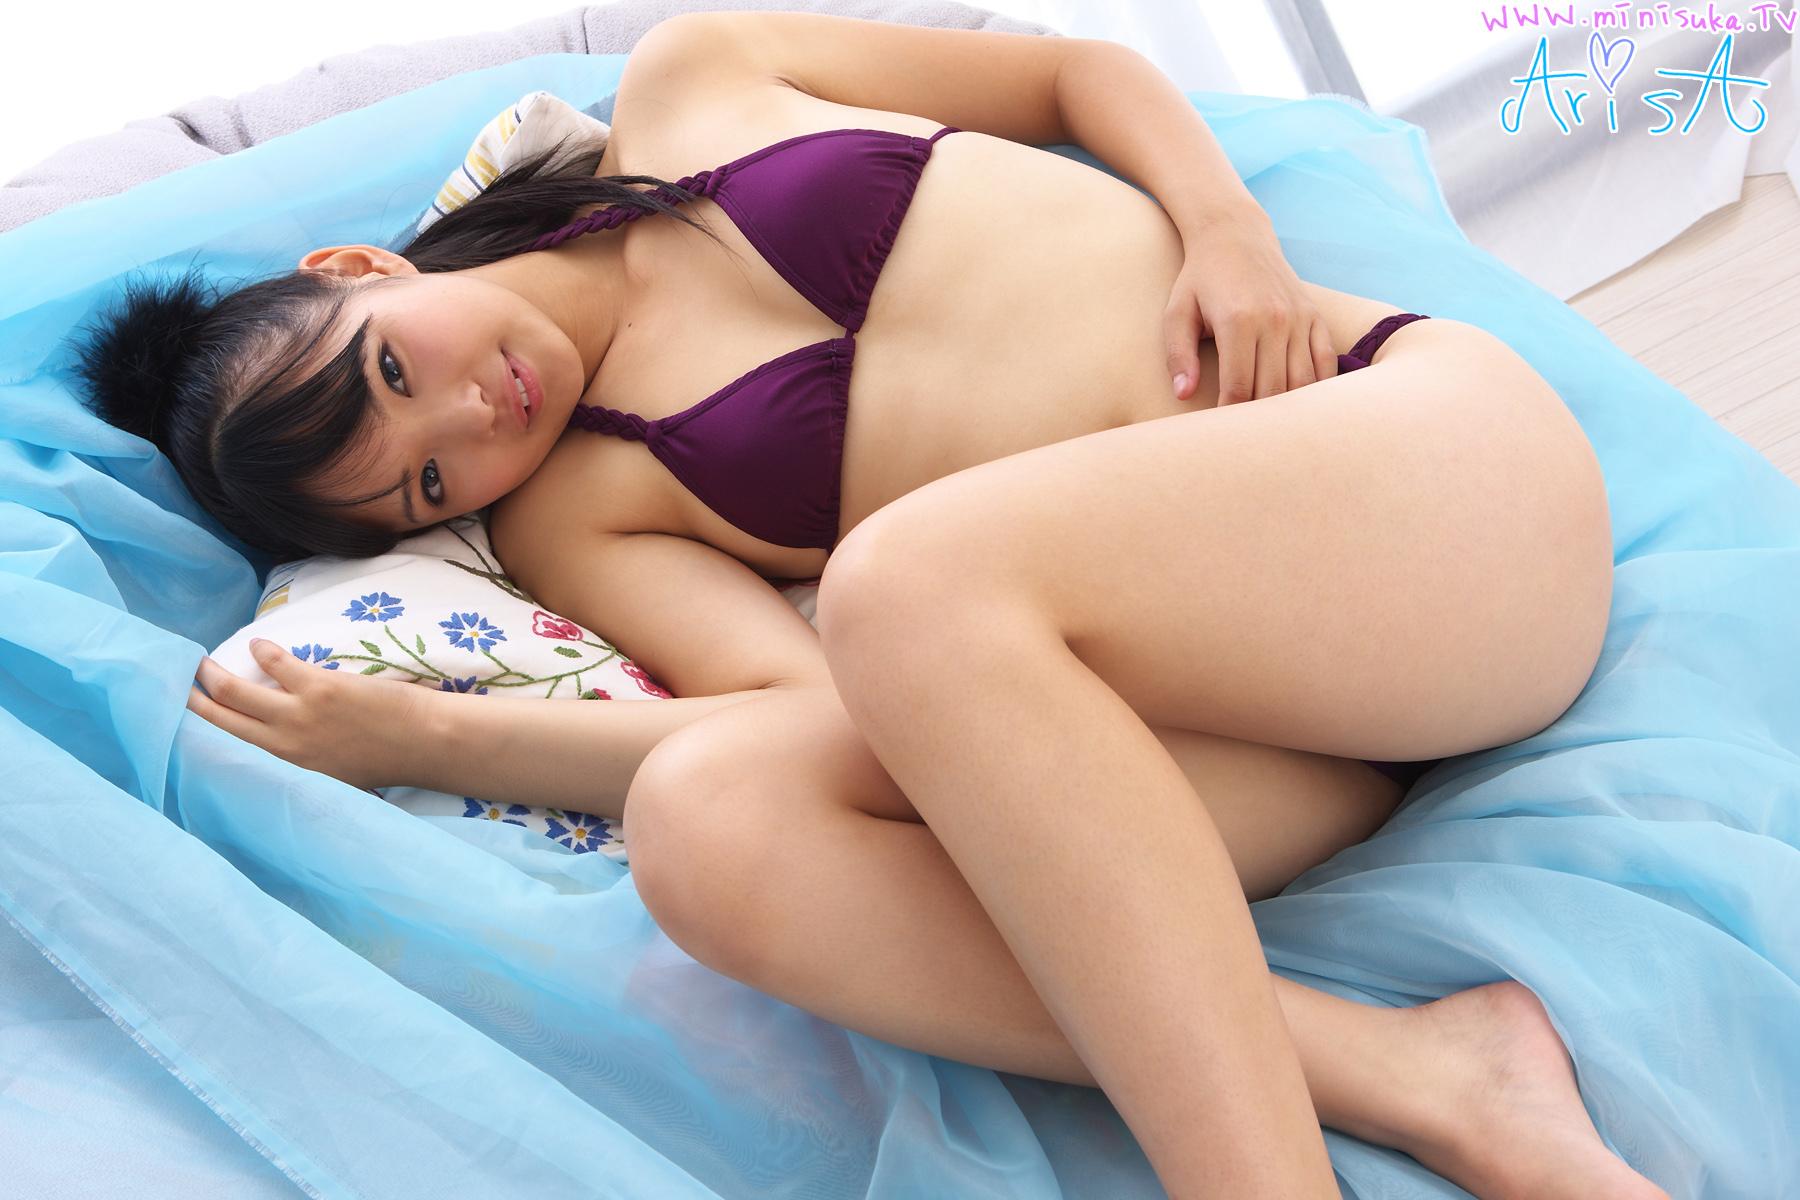 [Minisuka.tv] Arisa Matsuo - Regular Gallery (STAGE1) 04 [20.2 Mb] - idols